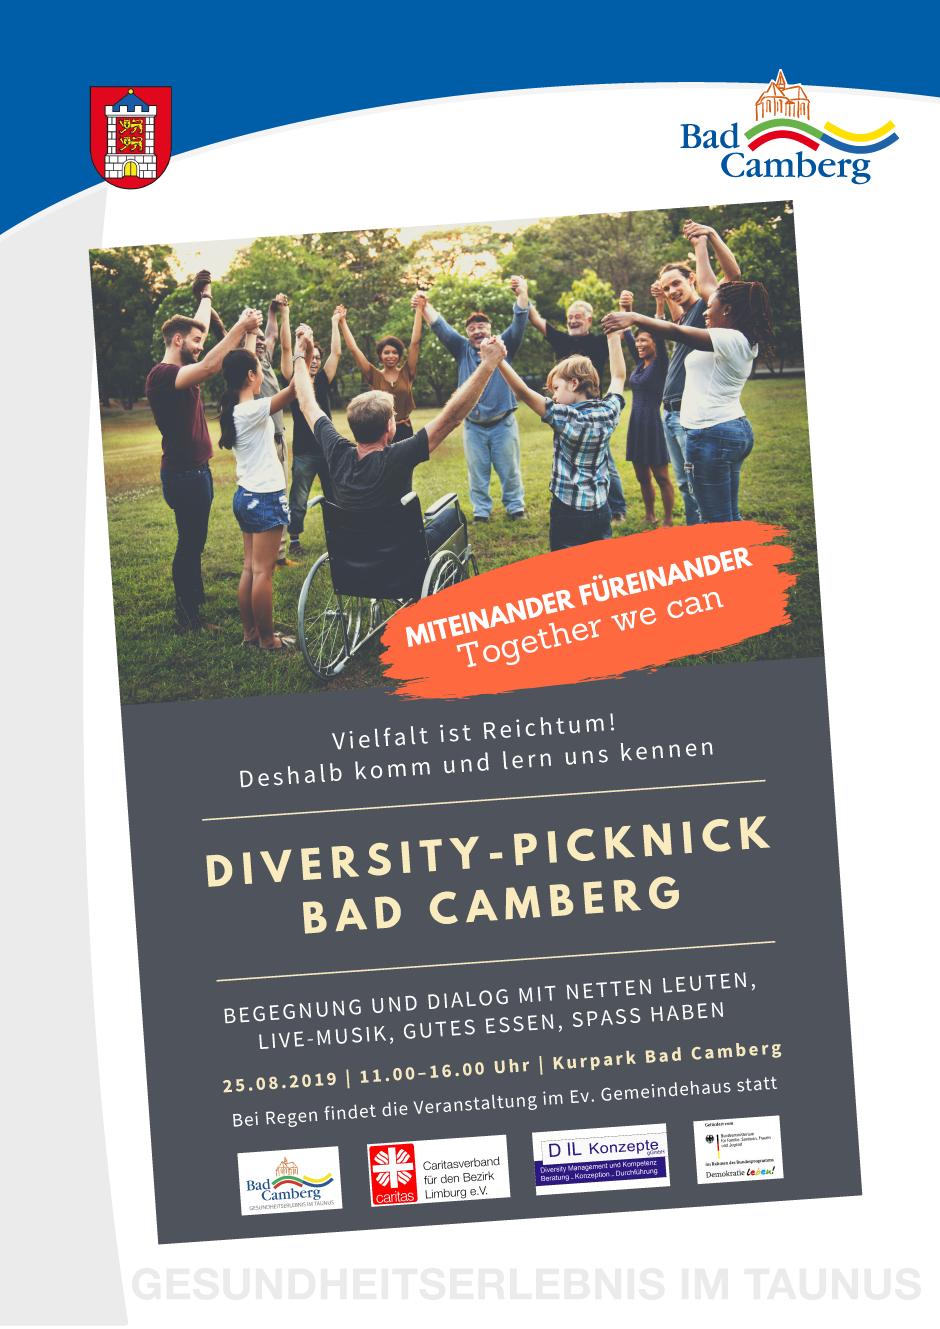 Herzlich willkommen zum 2. Diversity-Picknick im Kurpark der Stadt Bad Camberg. Begegnung und Dialog mit netten Menschen, Live-Musik, Spezialitäten aus aller Herren Länder und Spaß haben.